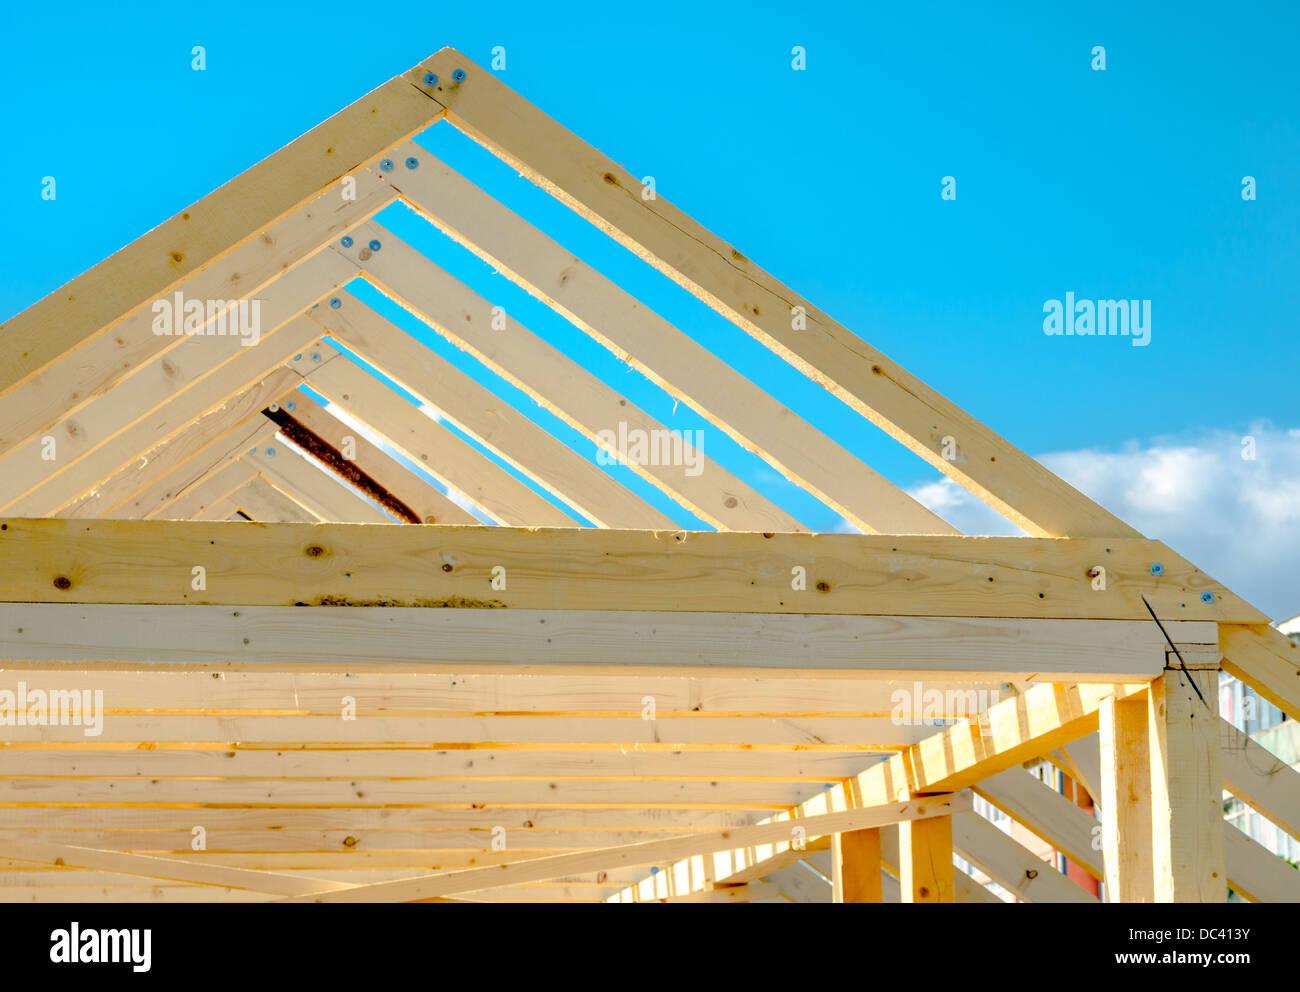 Timber Frame Construction Stock Photos & Timber Frame Construction ...